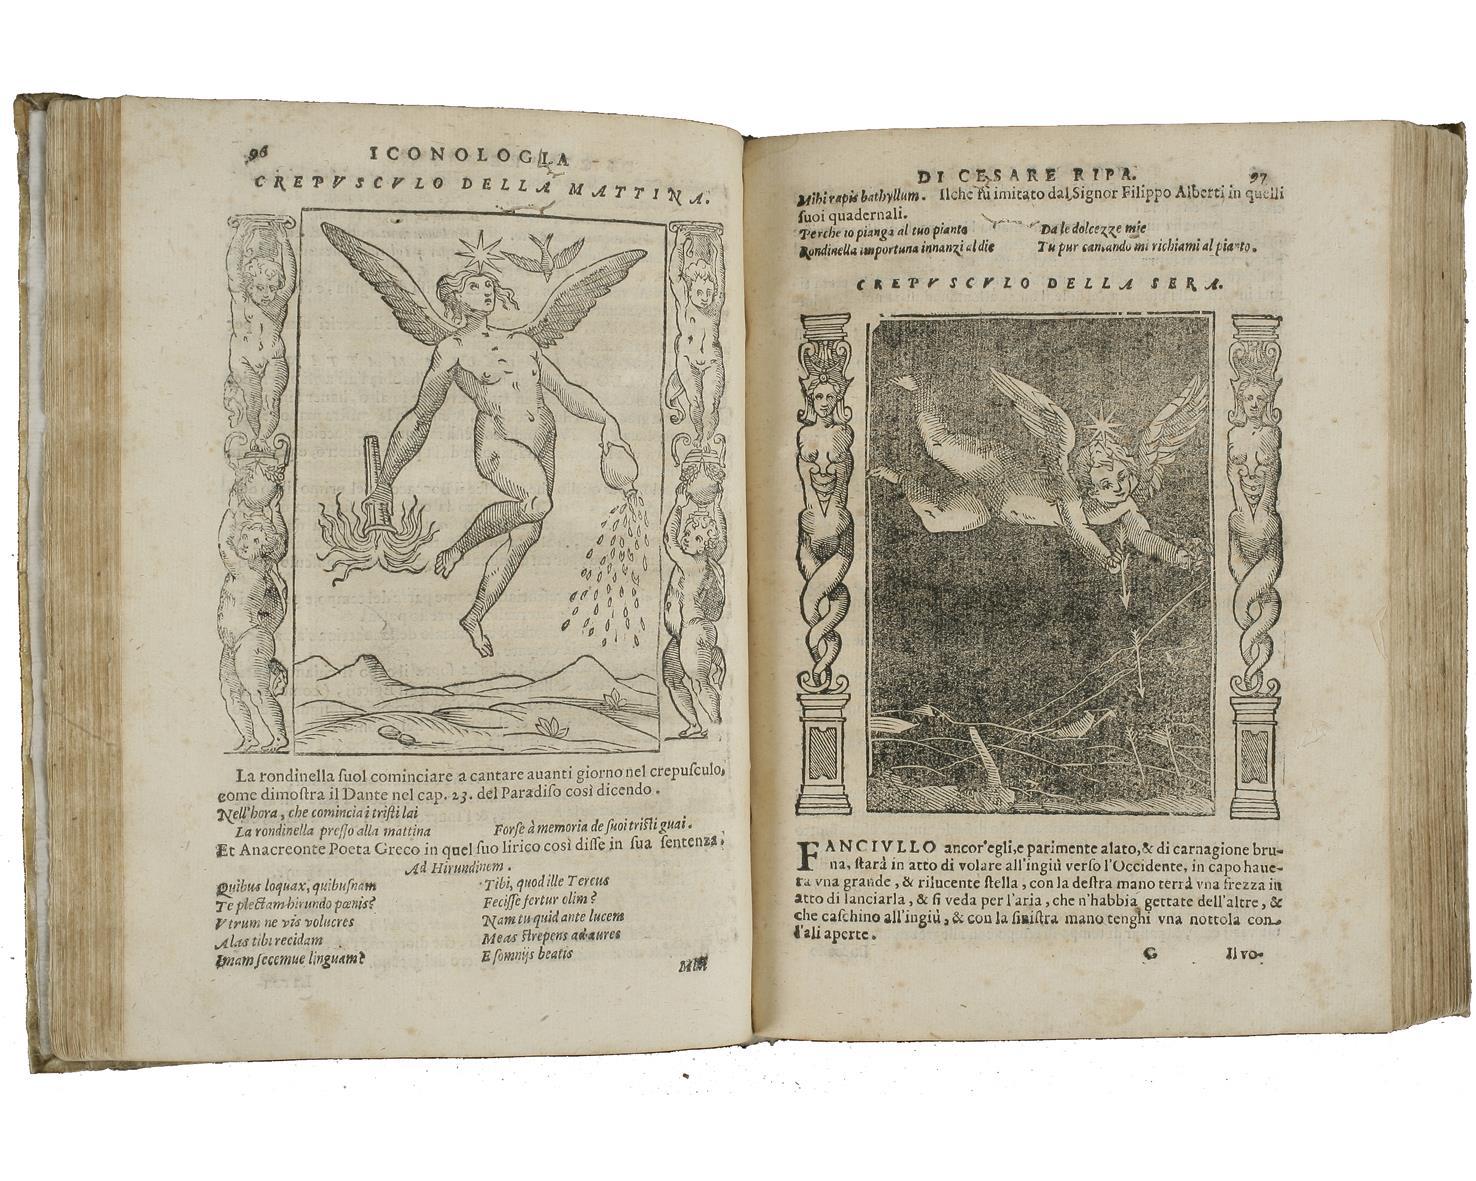 Ripa, Cesare (c. 1555-1622)